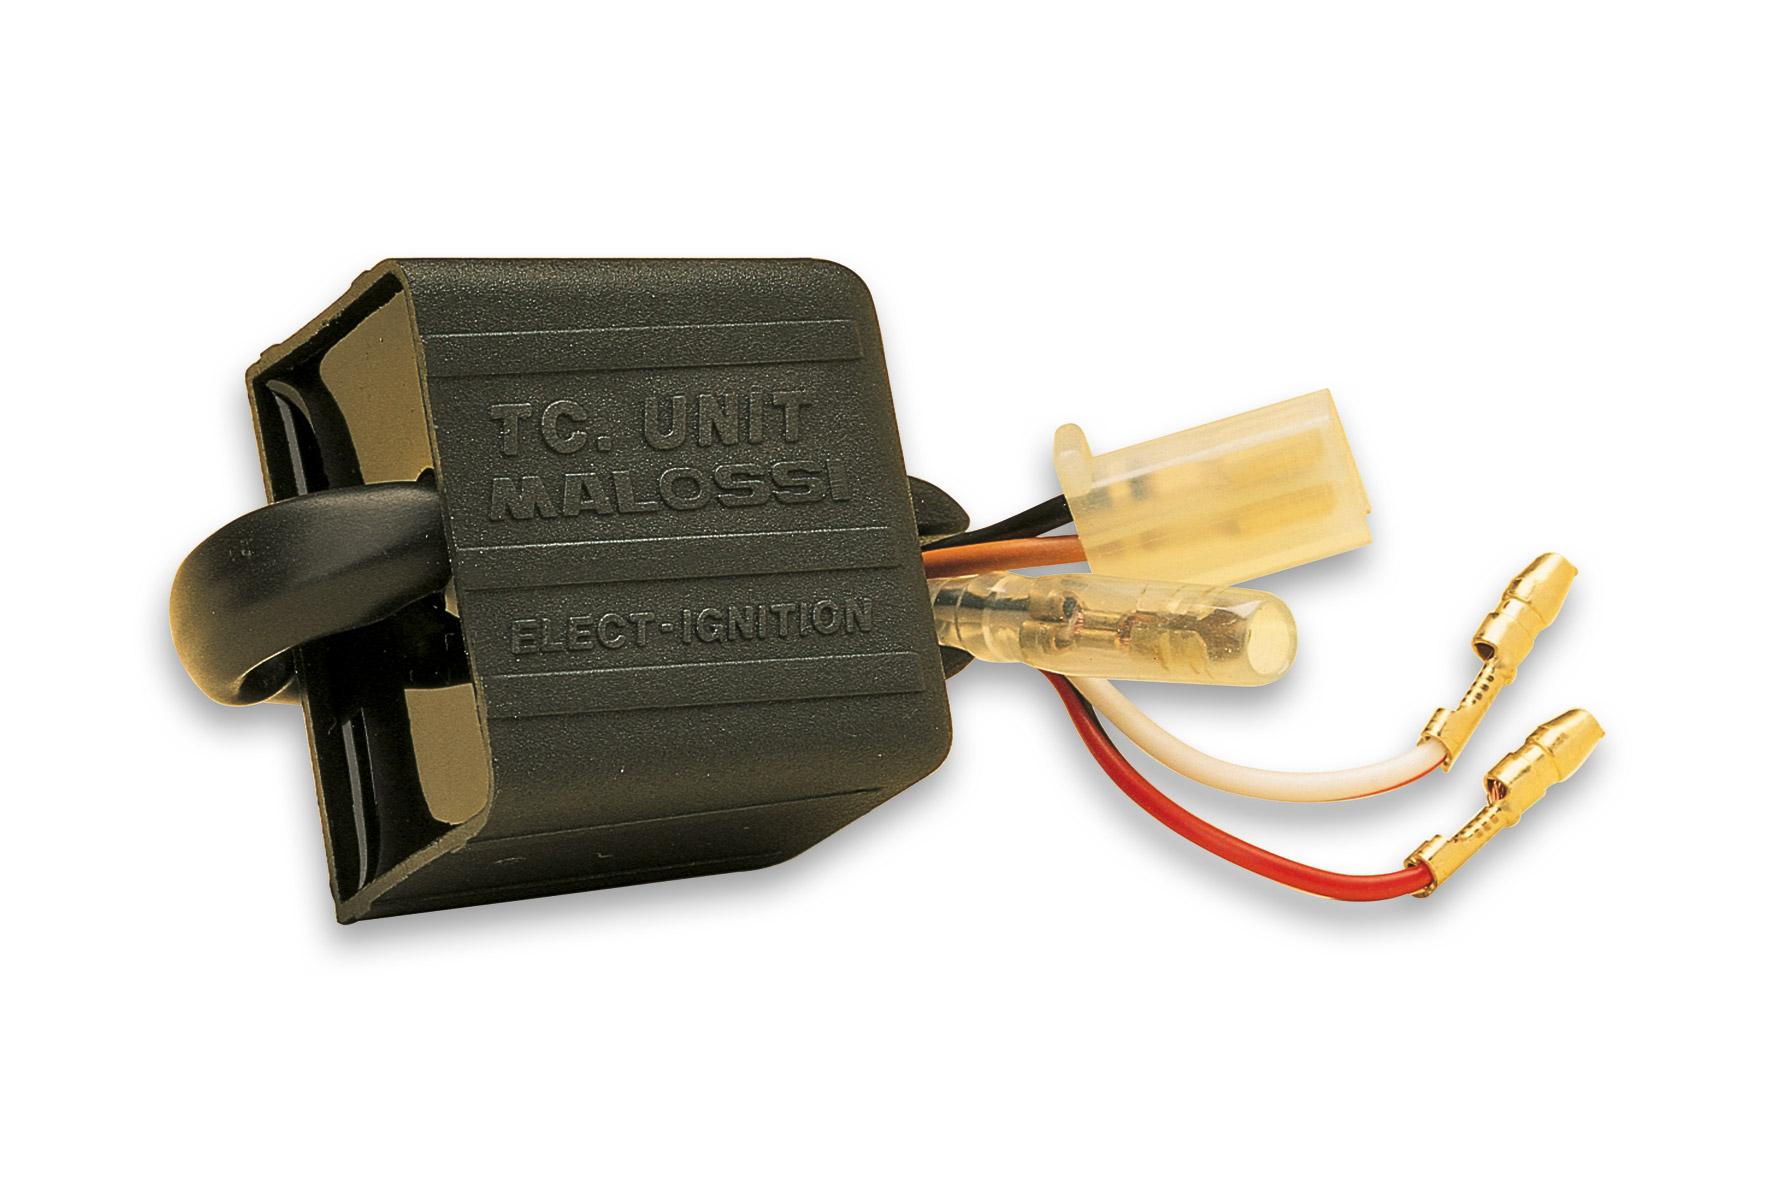 tc unit boitier electronique dettaglio prodotto malossistore. Black Bedroom Furniture Sets. Home Design Ideas